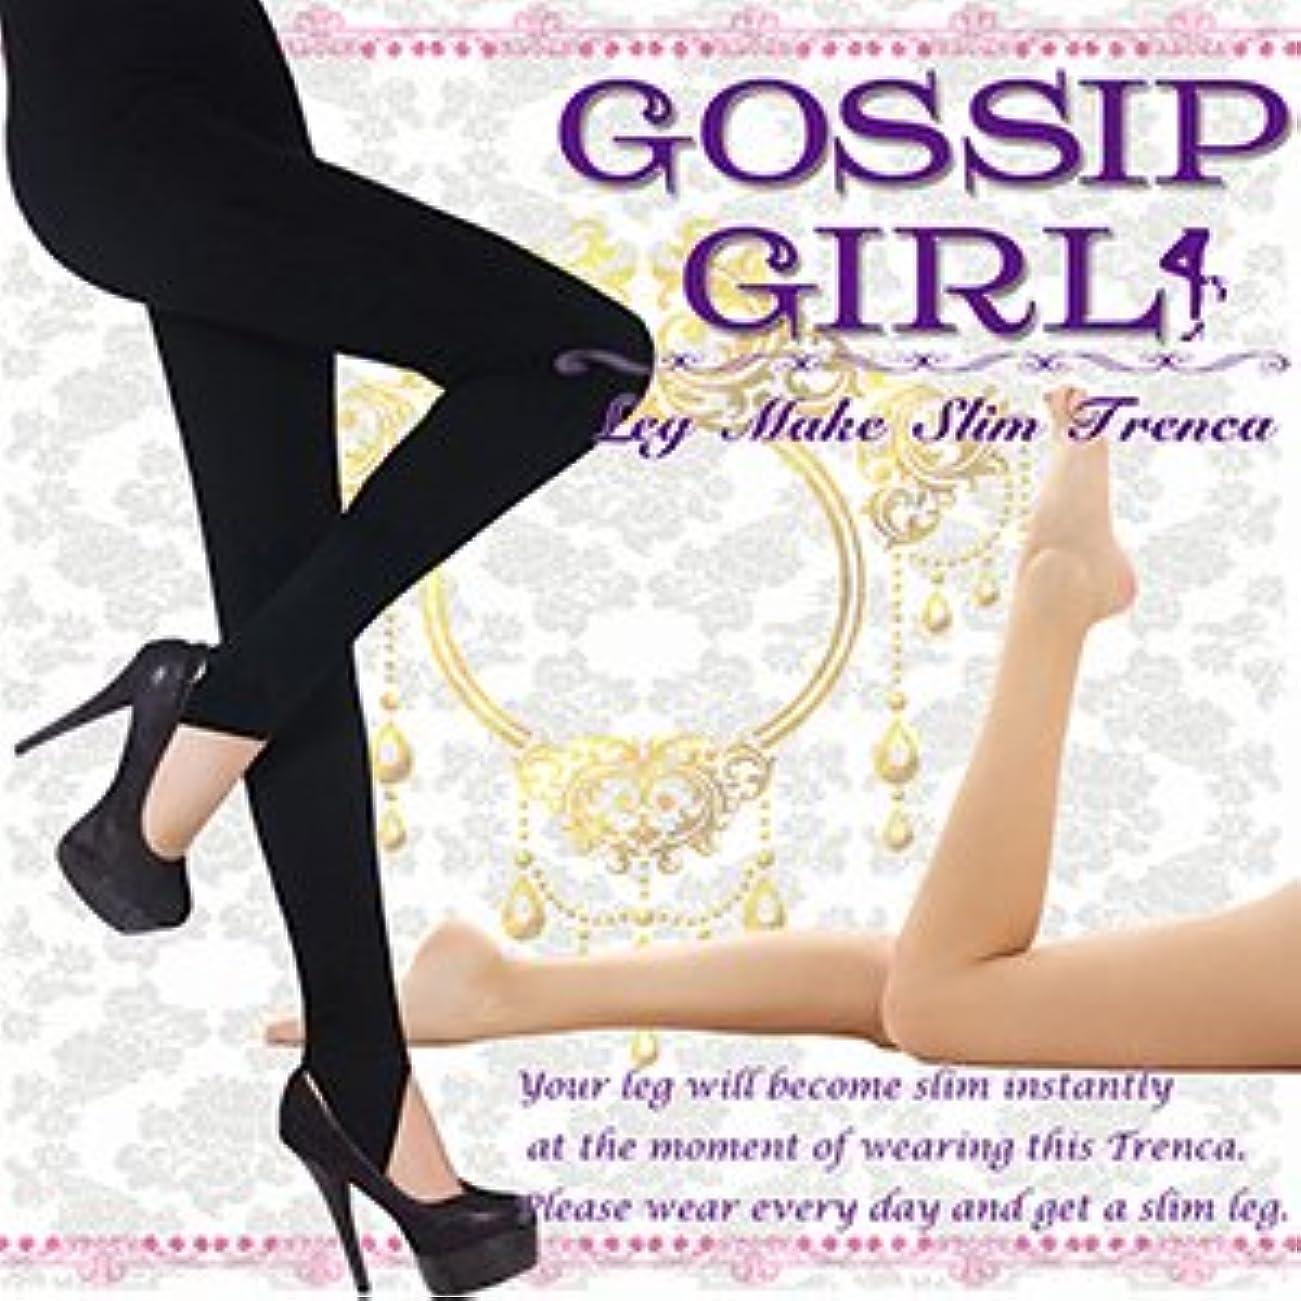 ちょっと待ってフラグラント助けになるGOSSIP GIRL Leg Make Slim Trenca (ゴシップガール レッグメイクスリムトレンカ)